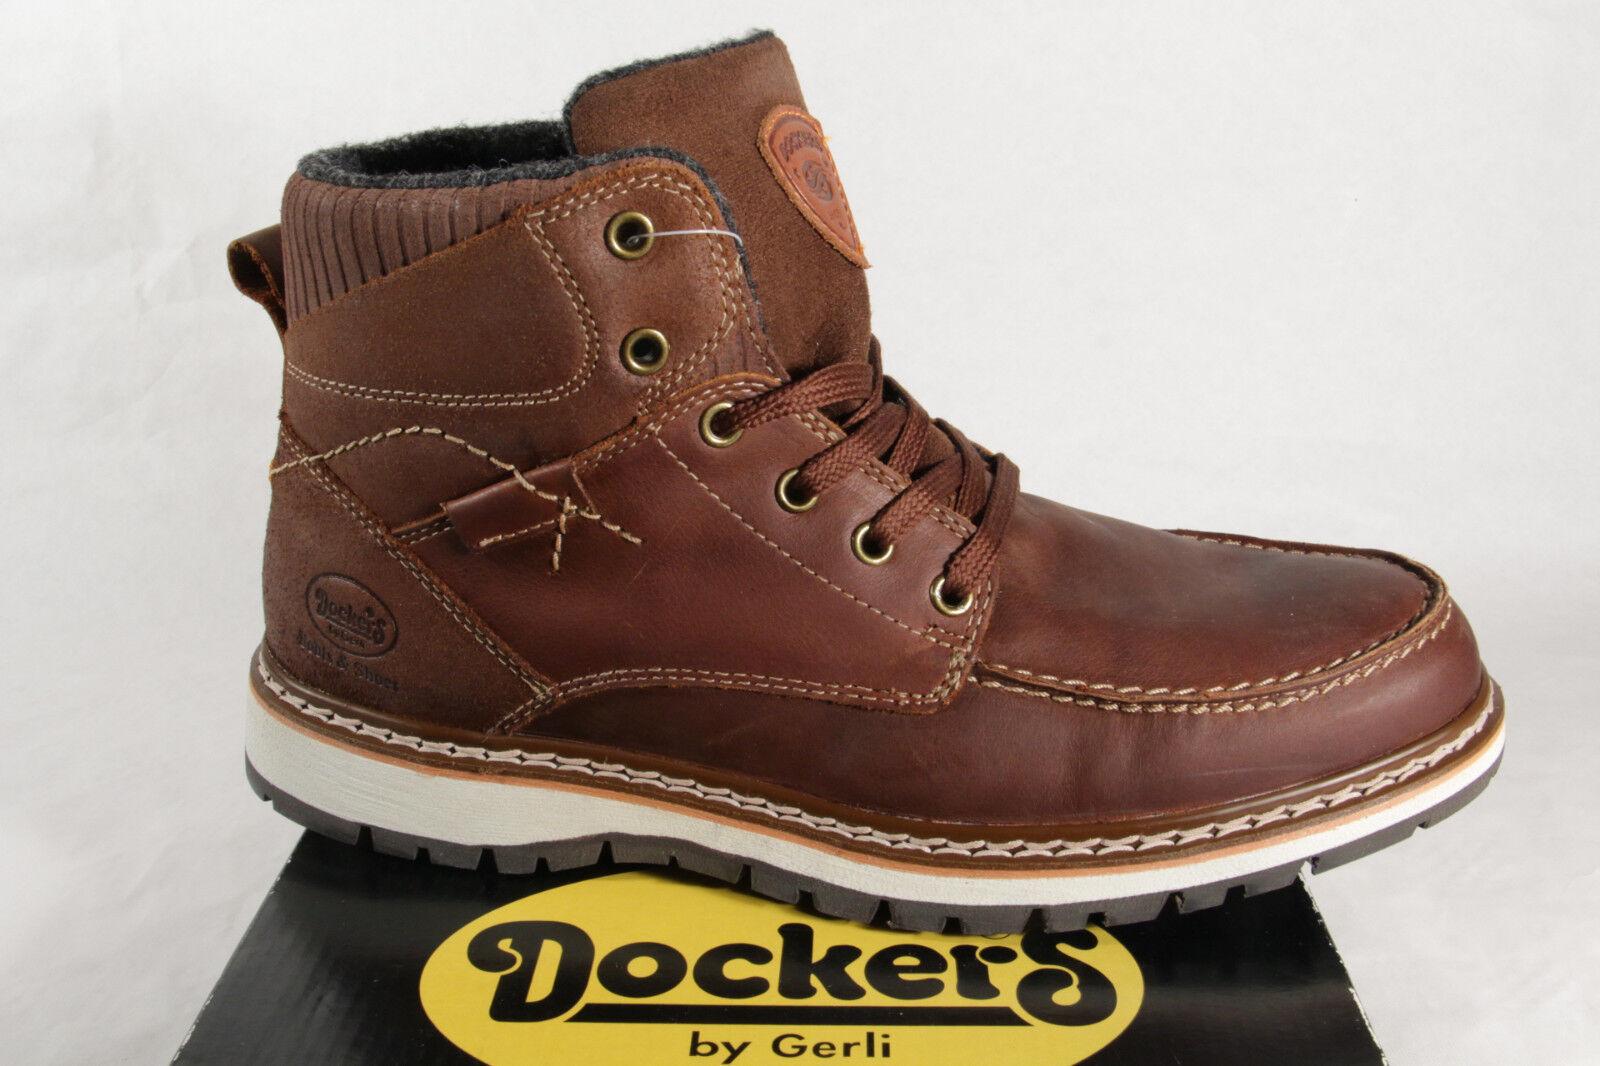 Dockers stiefel schnürstiefel Stiefel winterstiefel Braun Leder neu